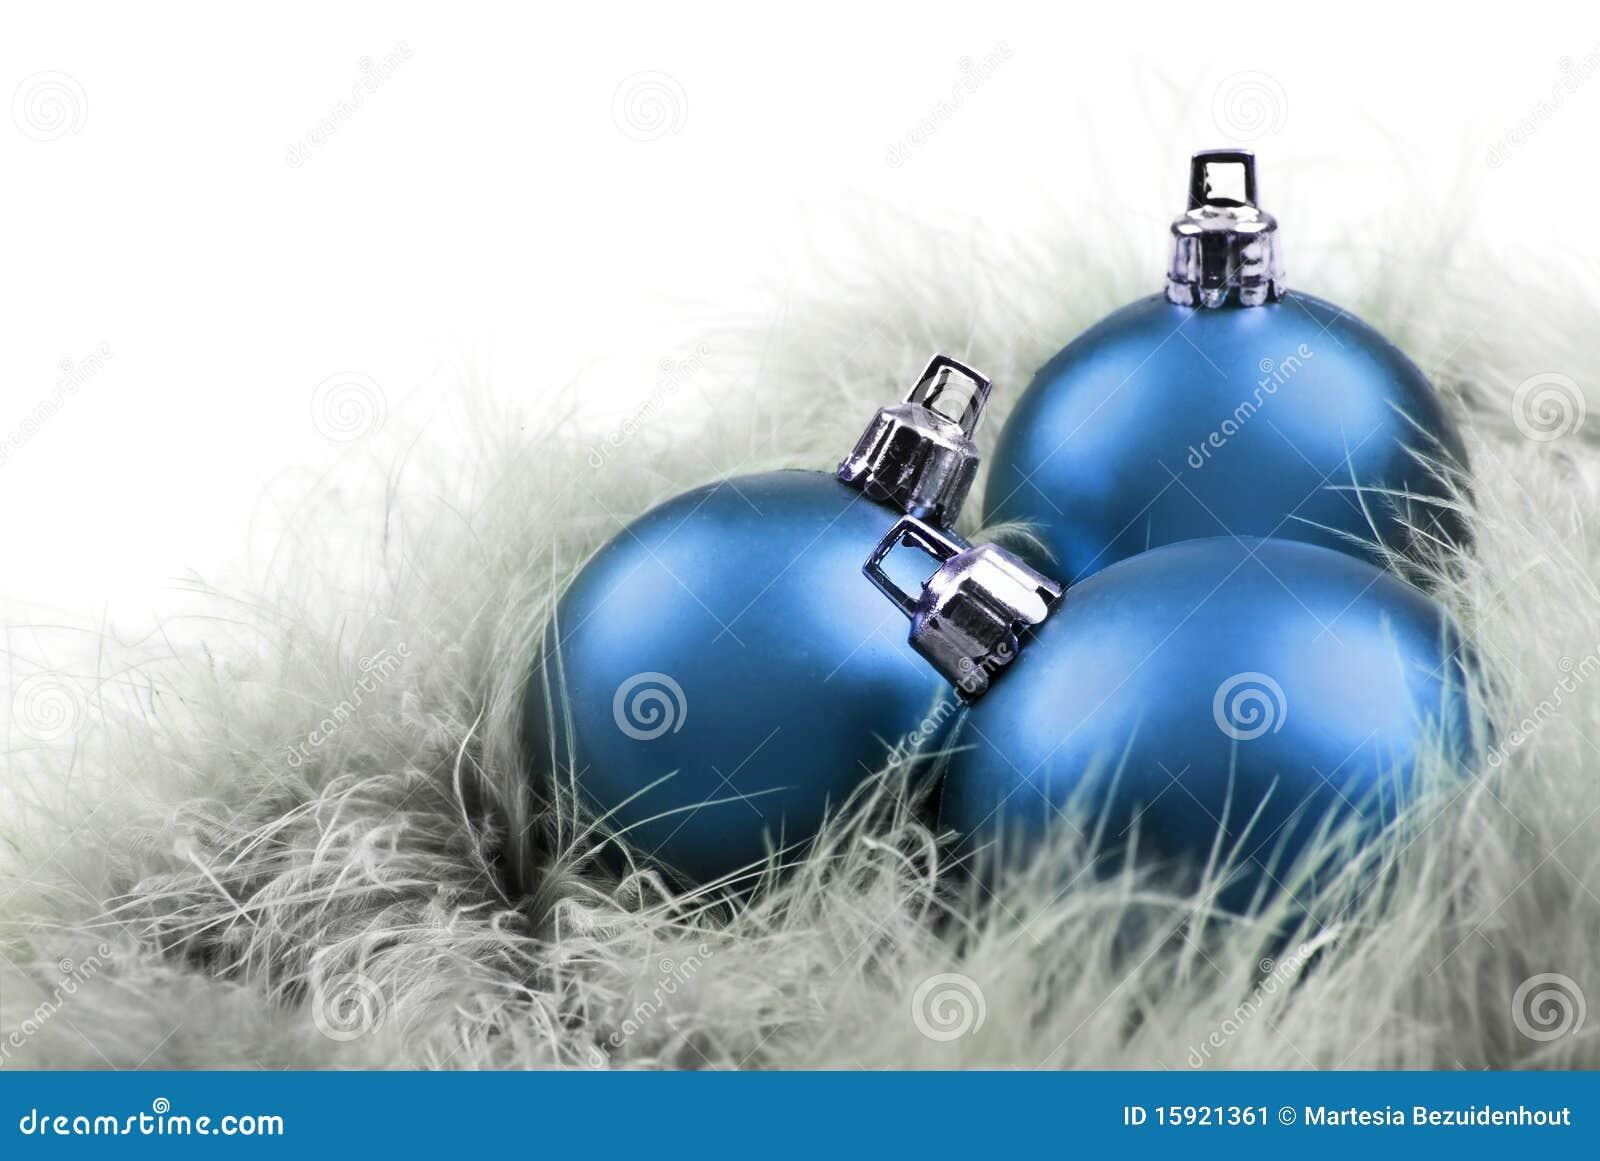 Weihnachtskugeln innen im blau auf federn stockbild bild for Christbaumkugeln blau